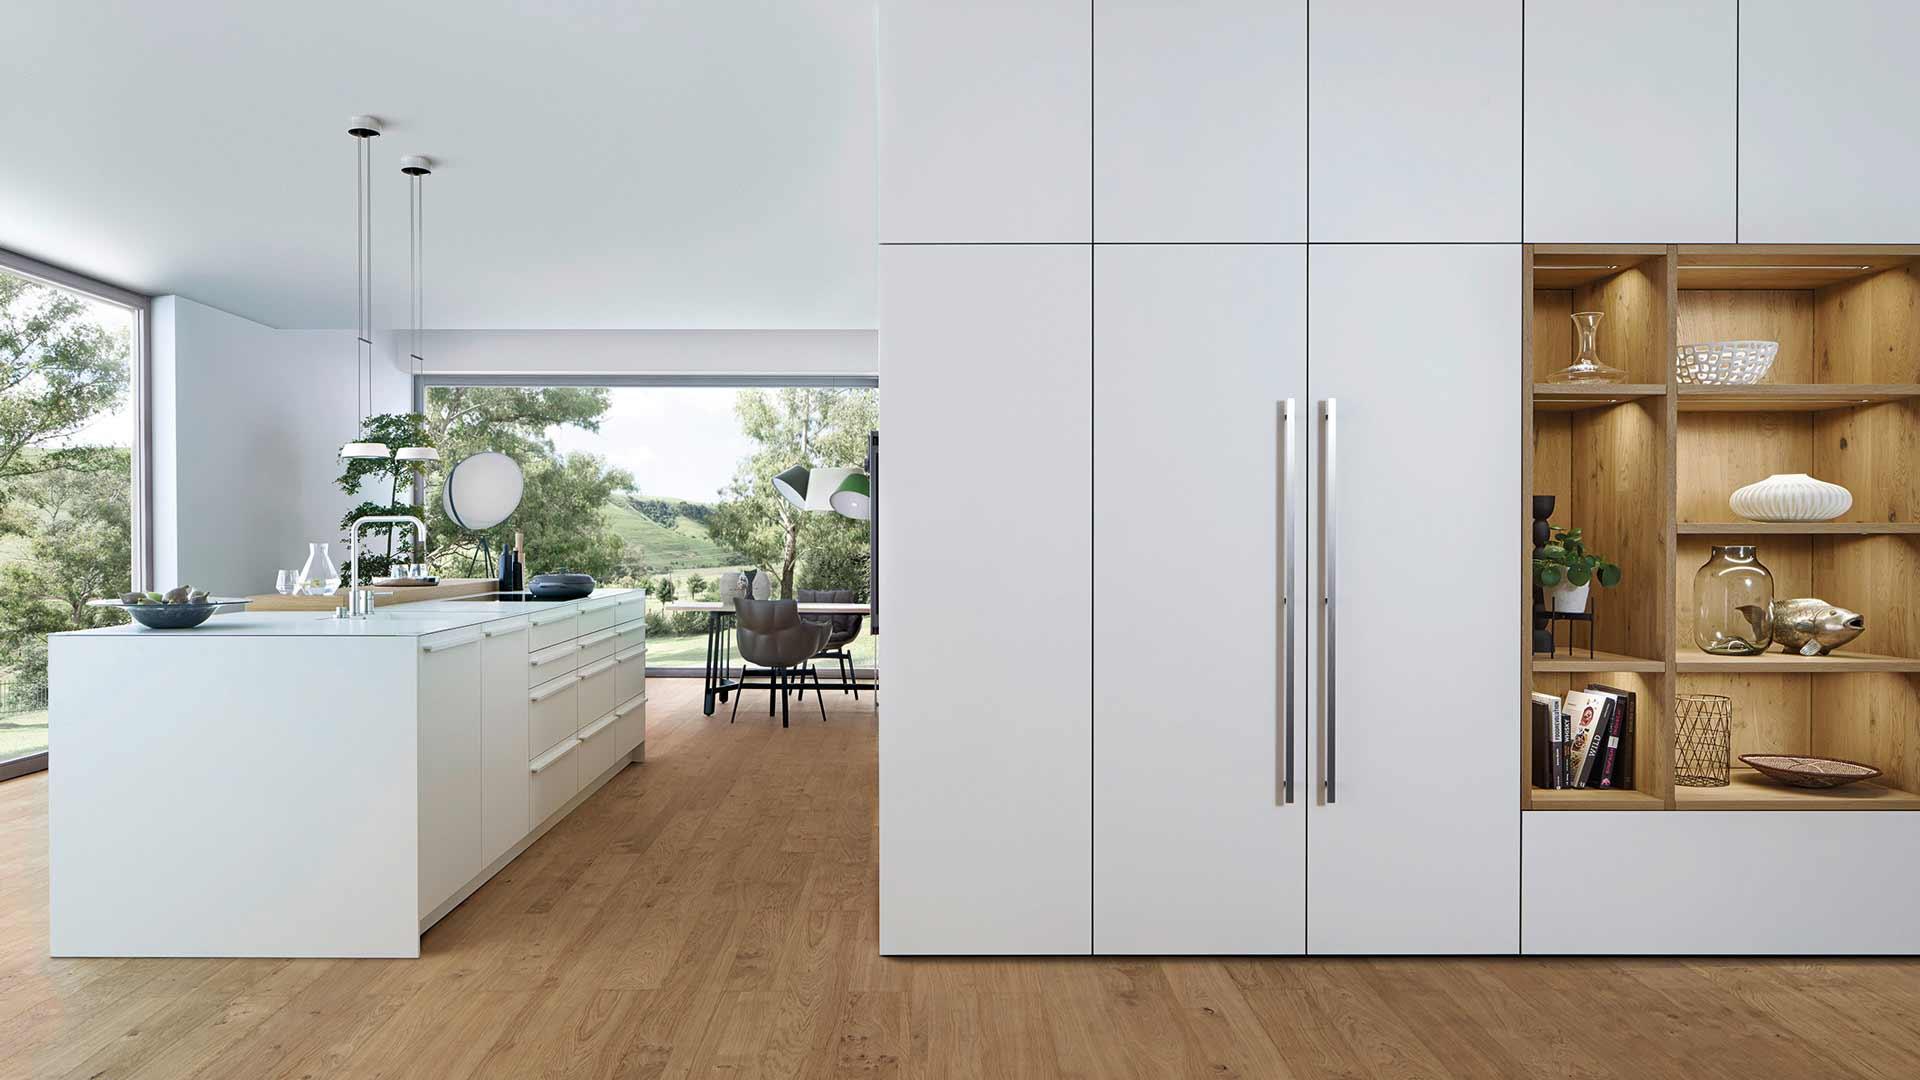 Leicht Küche in Weiß mit Kücheninsel bei Miele Center Ebner & Spuller in Graz